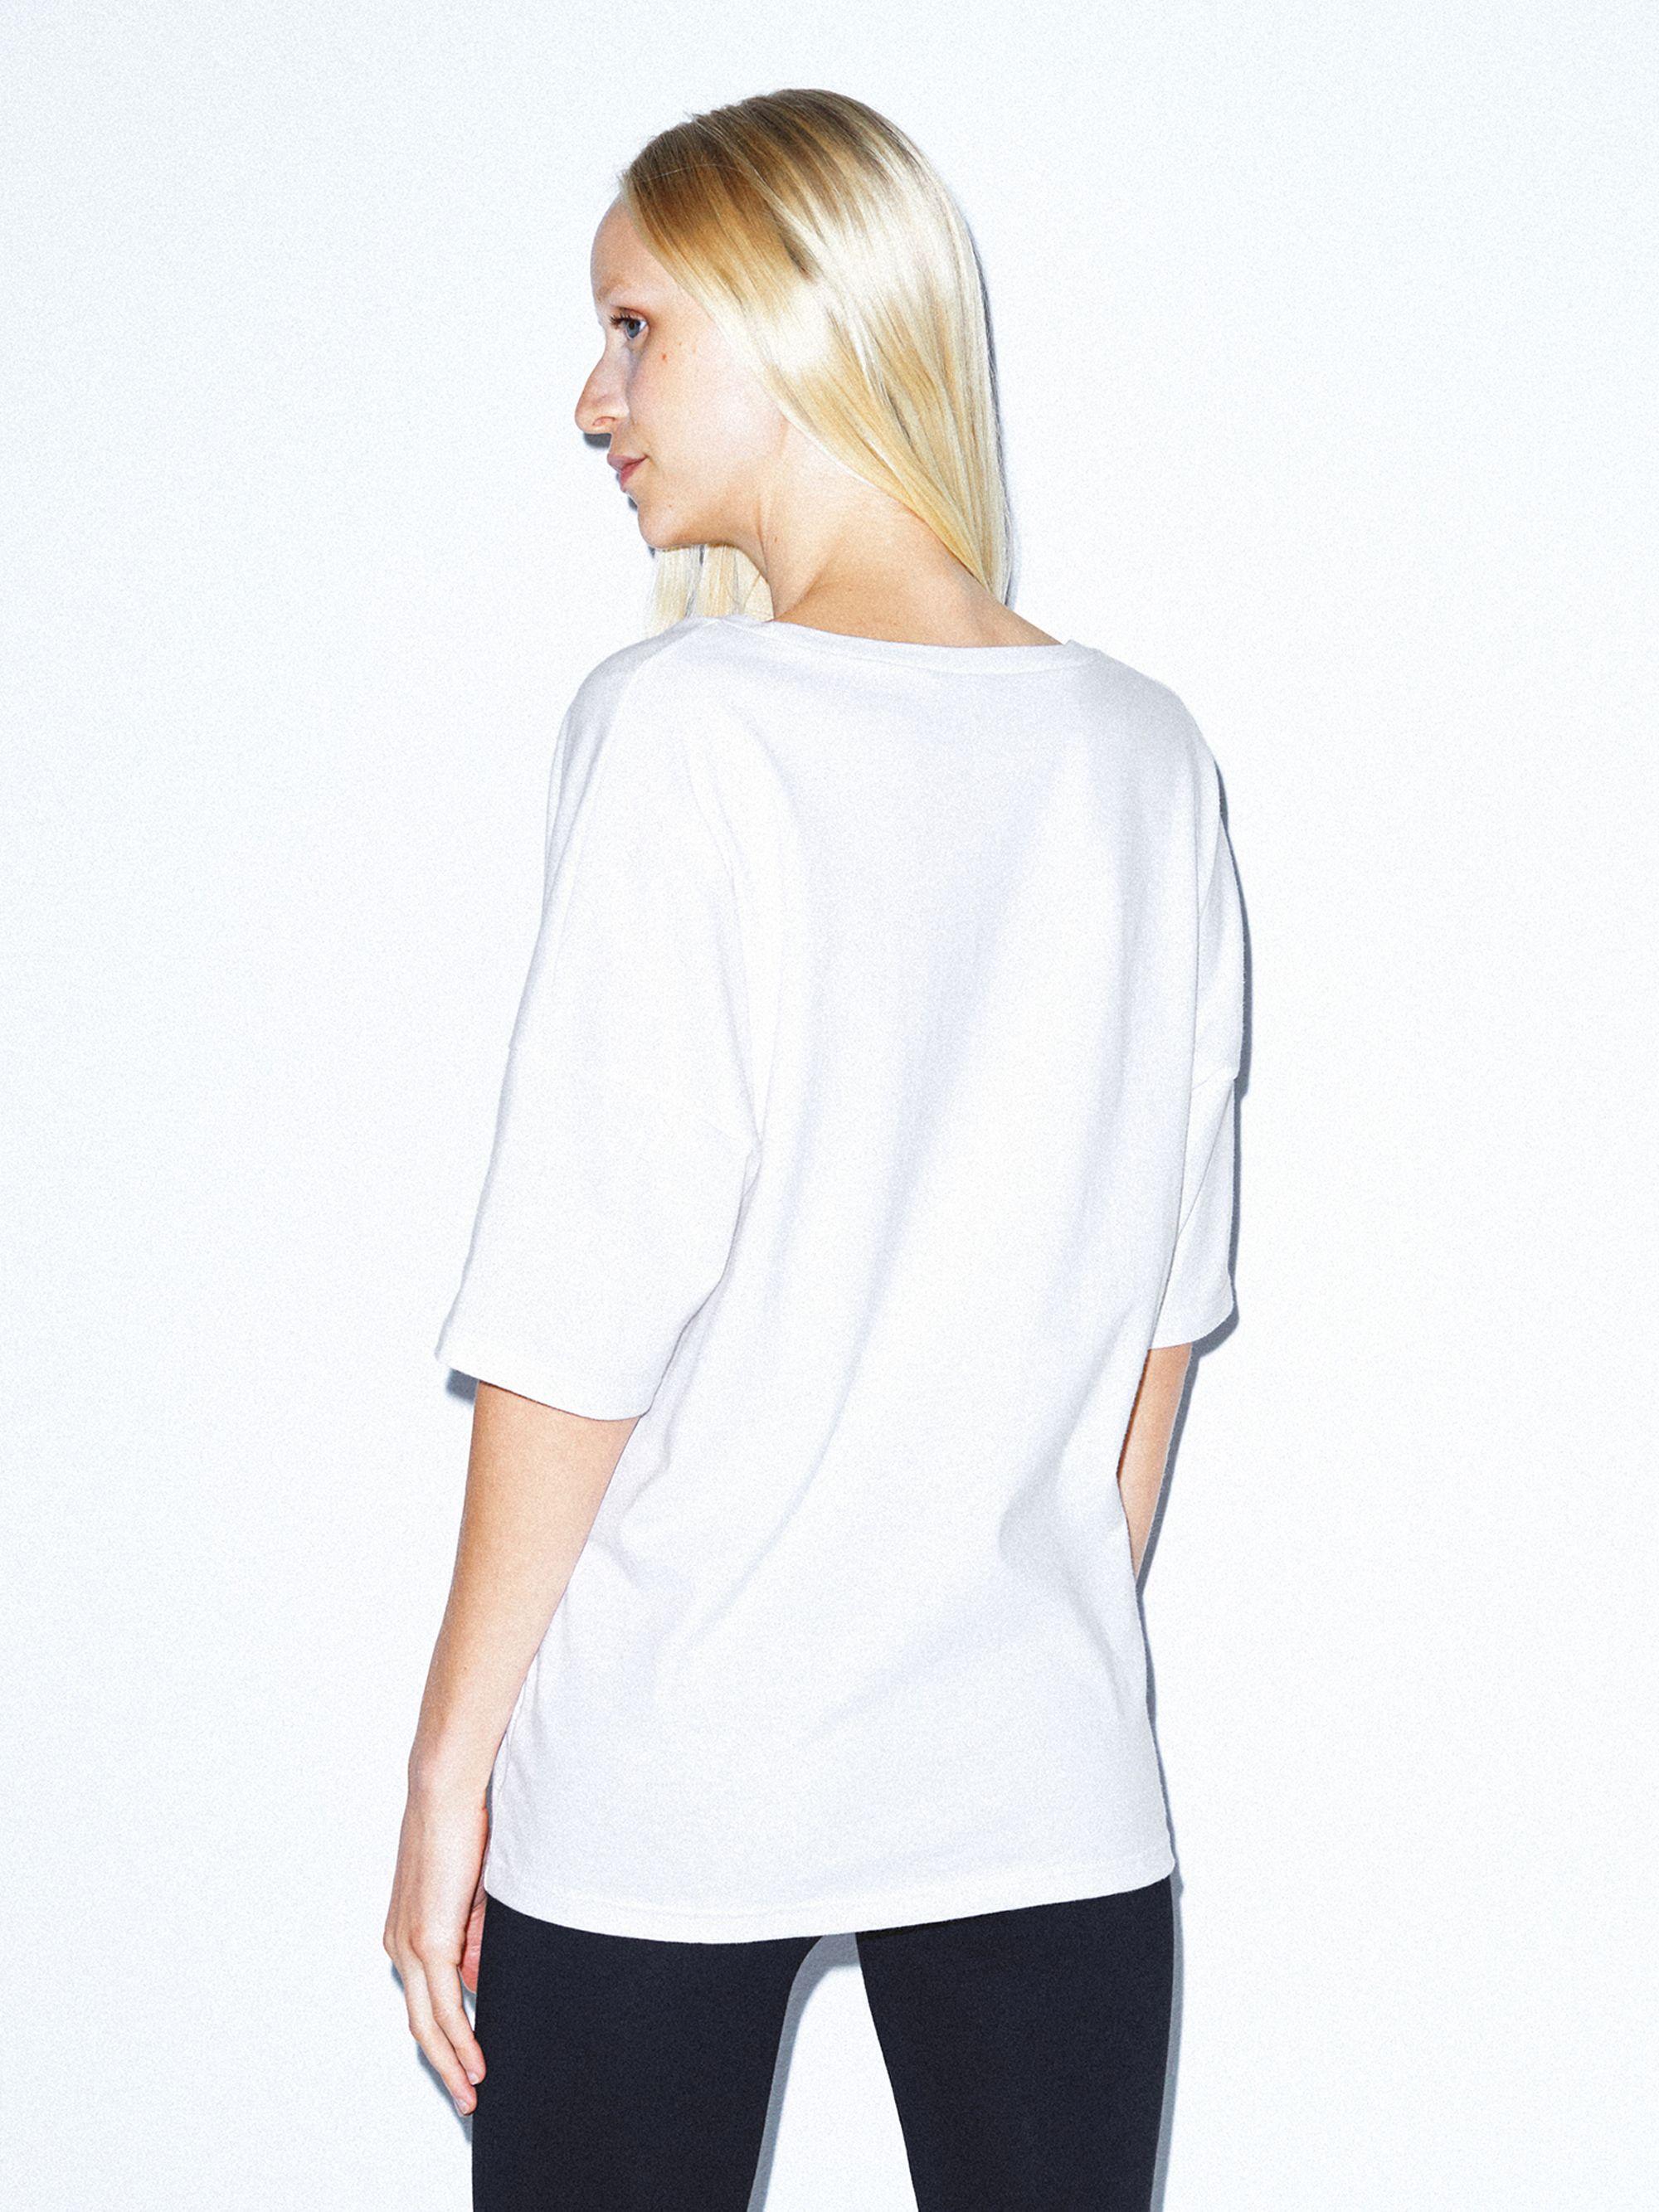 69745fe1c43fa Power Wash U Neck T-Shirt. rsa2320w. $11.00 $22.00. Product Gallery  Element. Product Gallery Element. Product Gallery Element